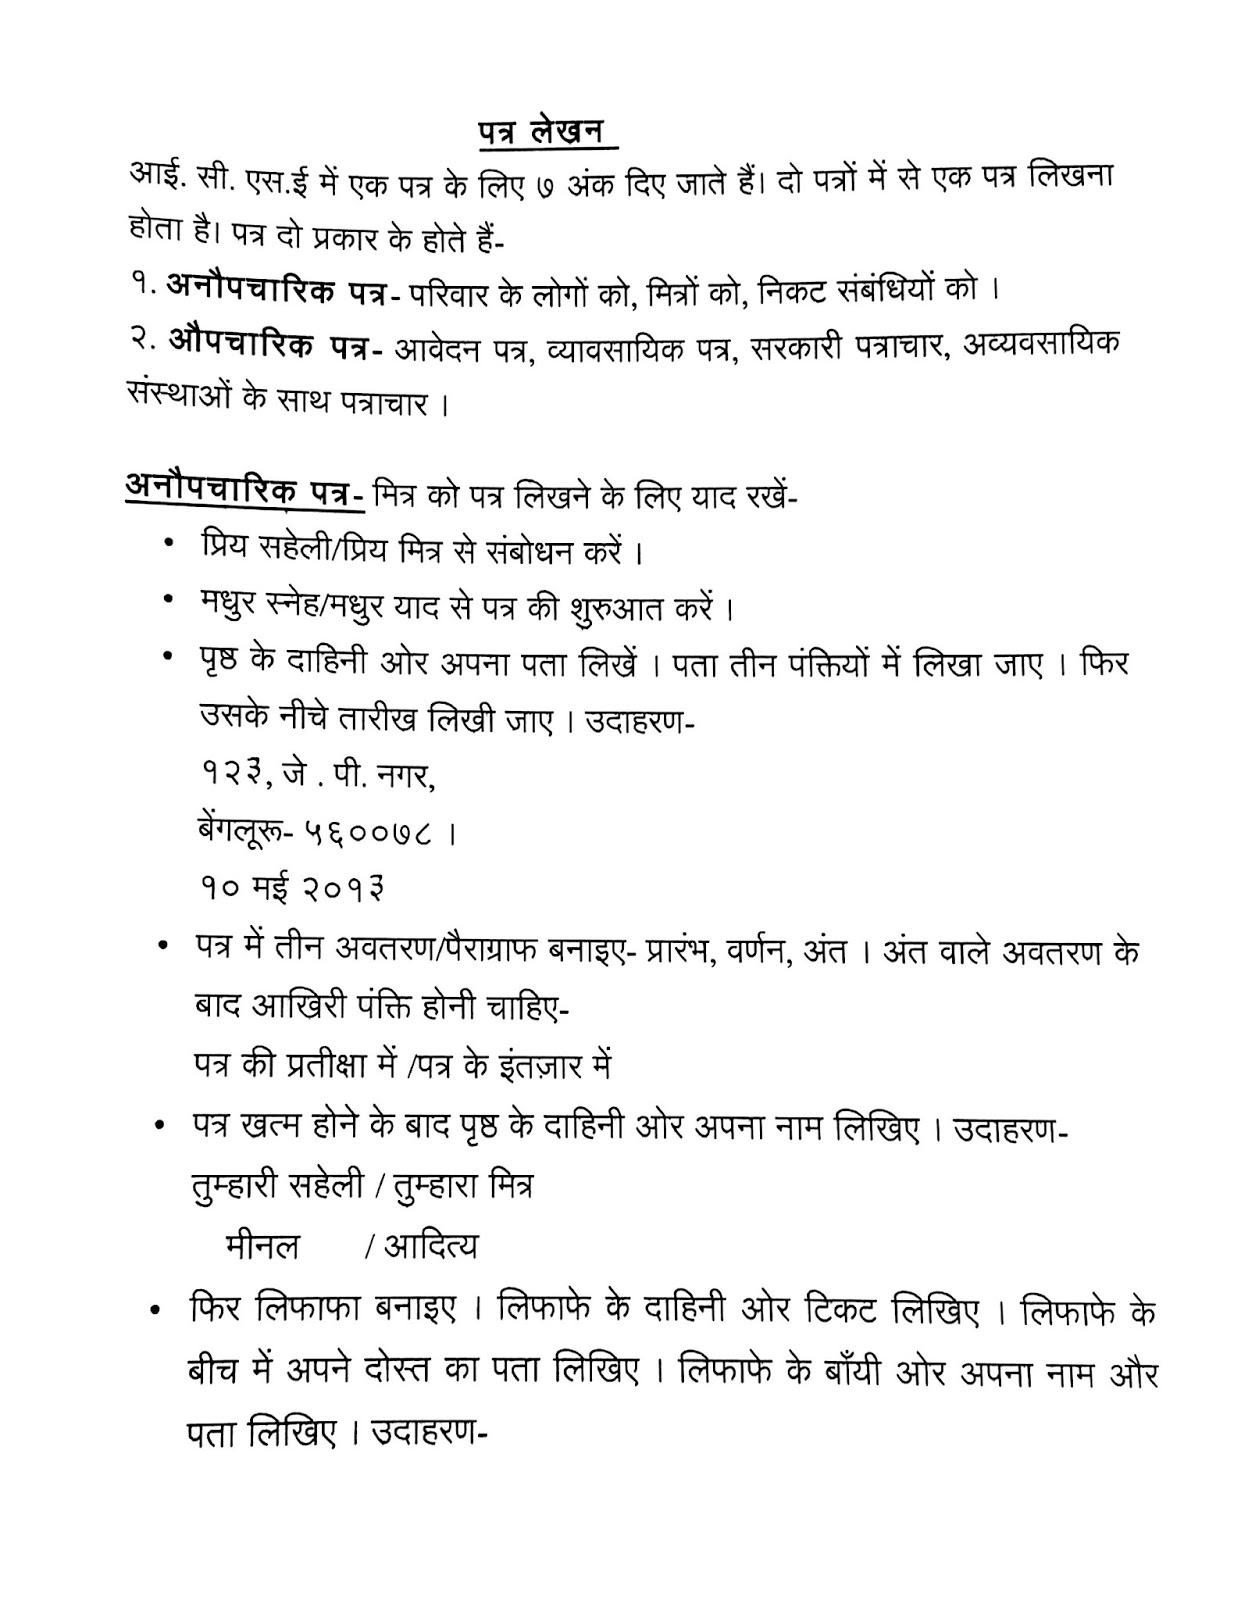 medium resolution of Jumbled Sentences Cbse Class 8 - Rajasthan Board e